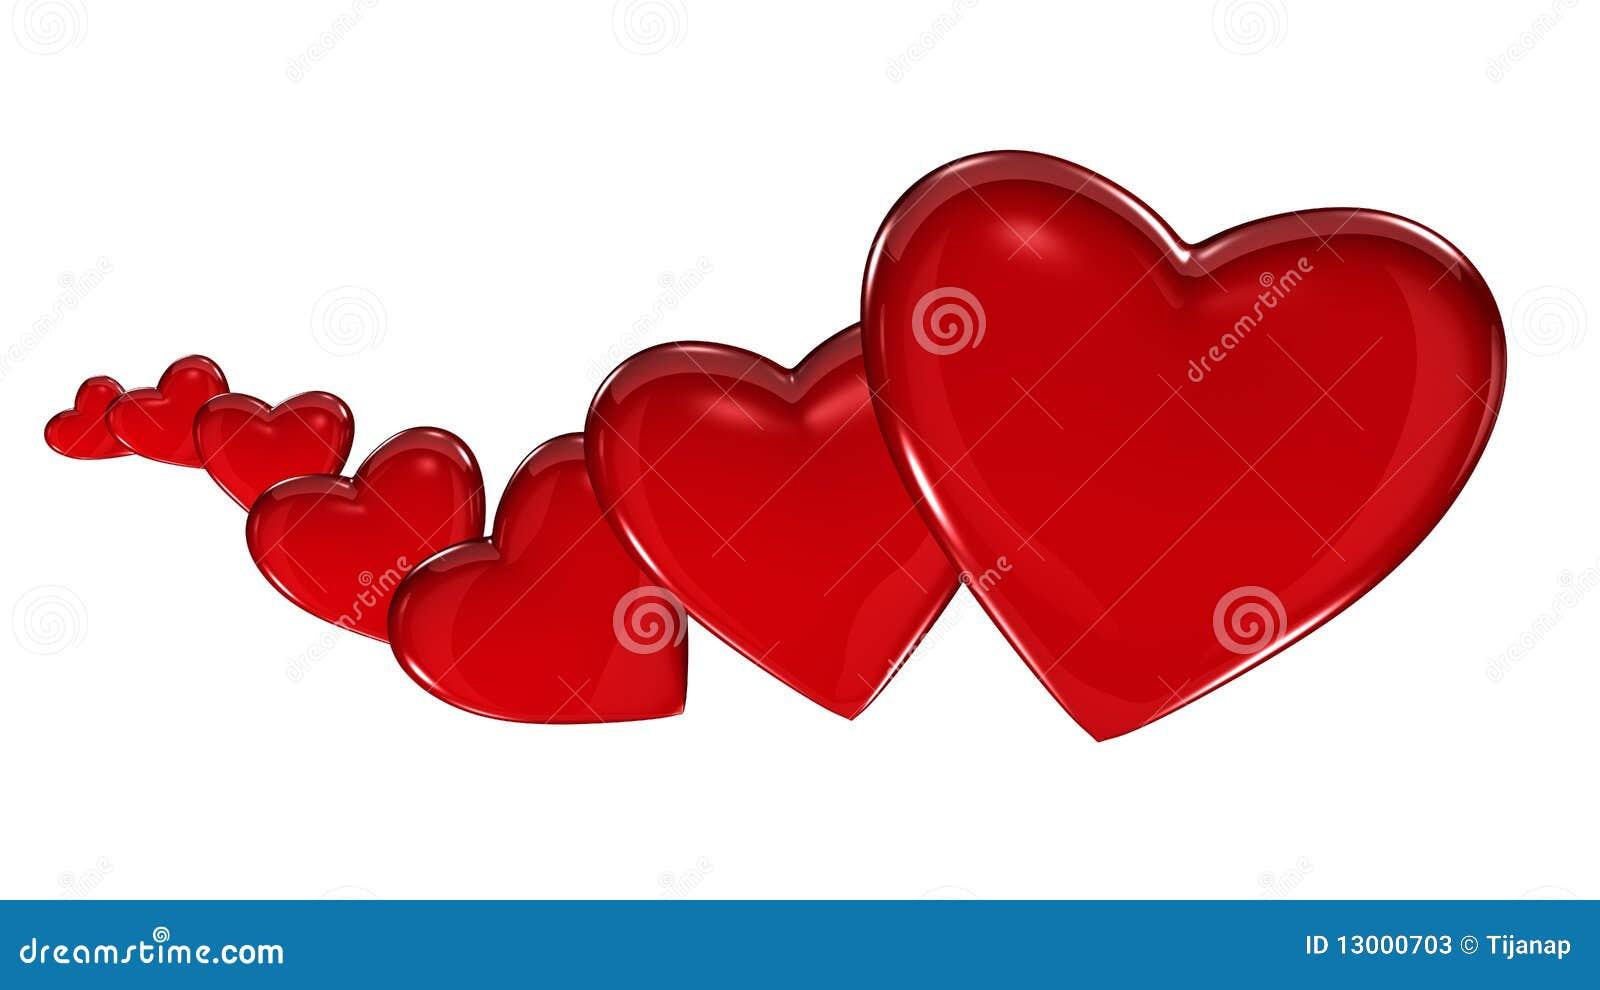 Hearts Growing Horizontal Stock Photos Image 13000703